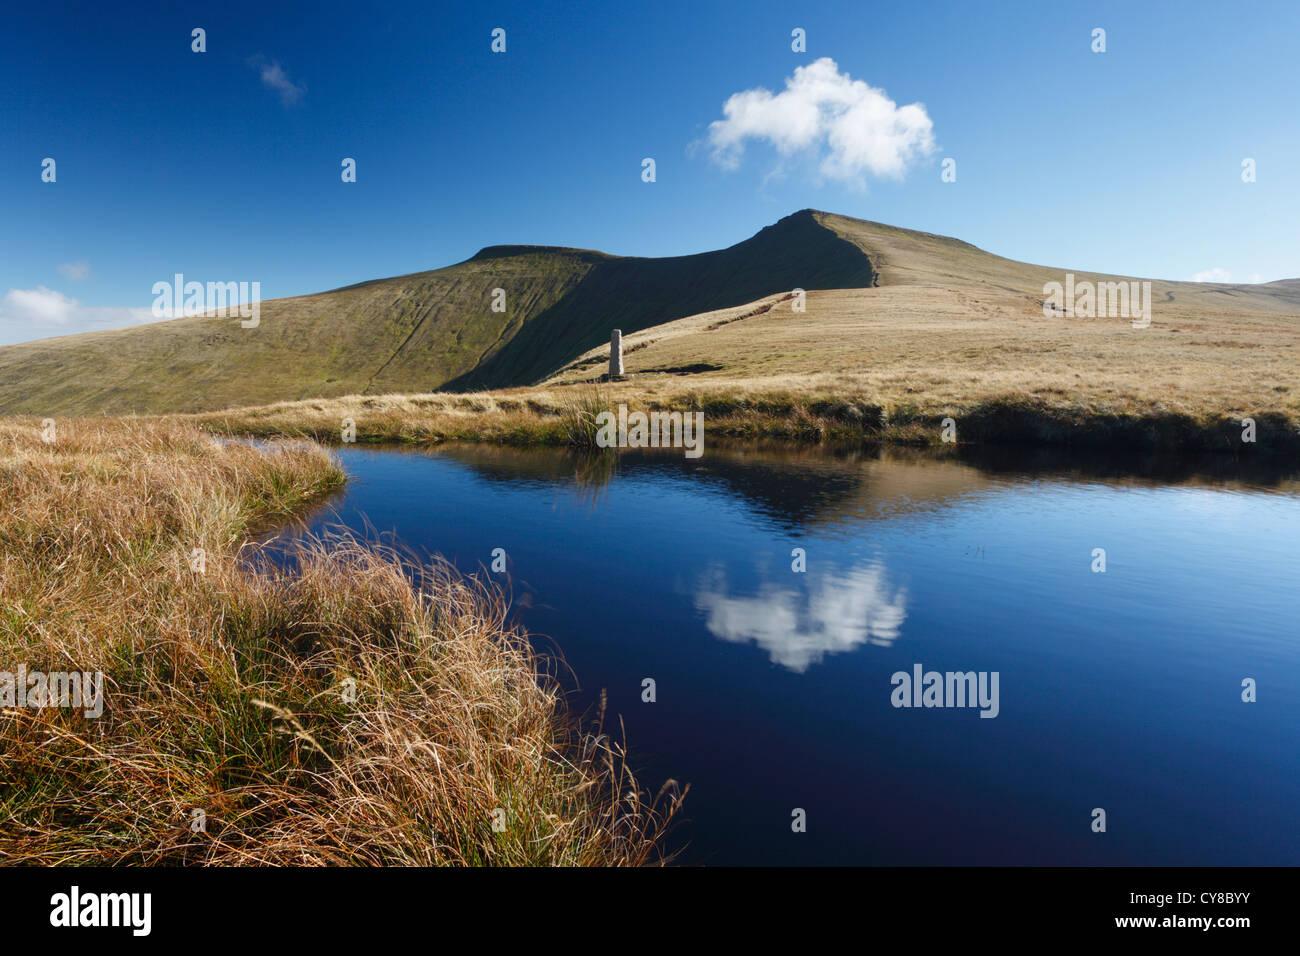 Pen y Fan & Corn Du from near Tommy Jones' Obelisk. Brecon Beacons National Park, Powys, Wales, UK. - Stock Image